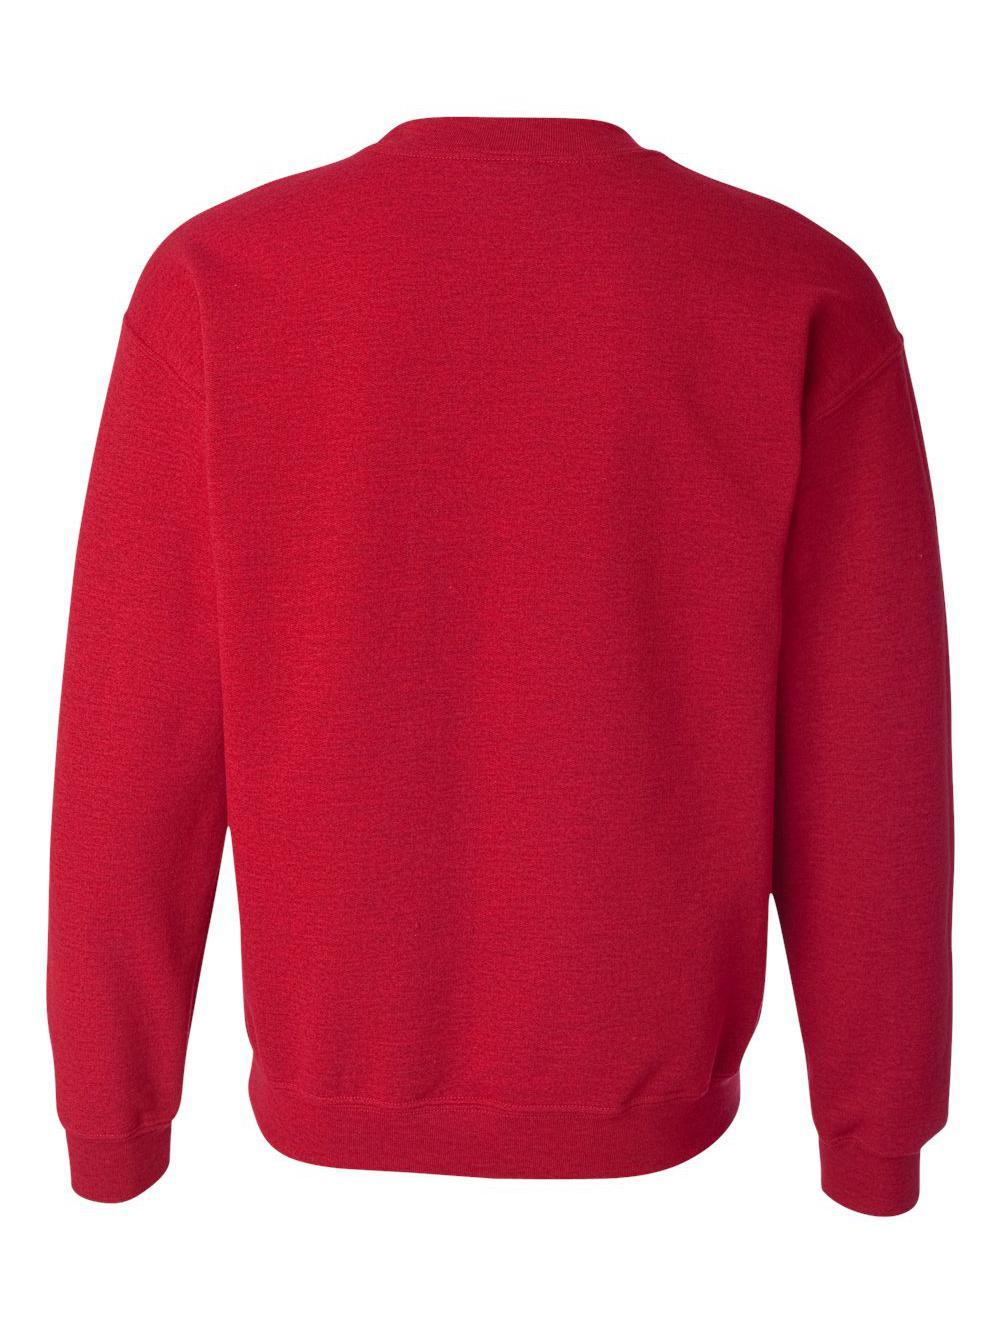 Gildan-Heavy-Blend-Crewneck-Sweatshirt-18000 thumbnail 4